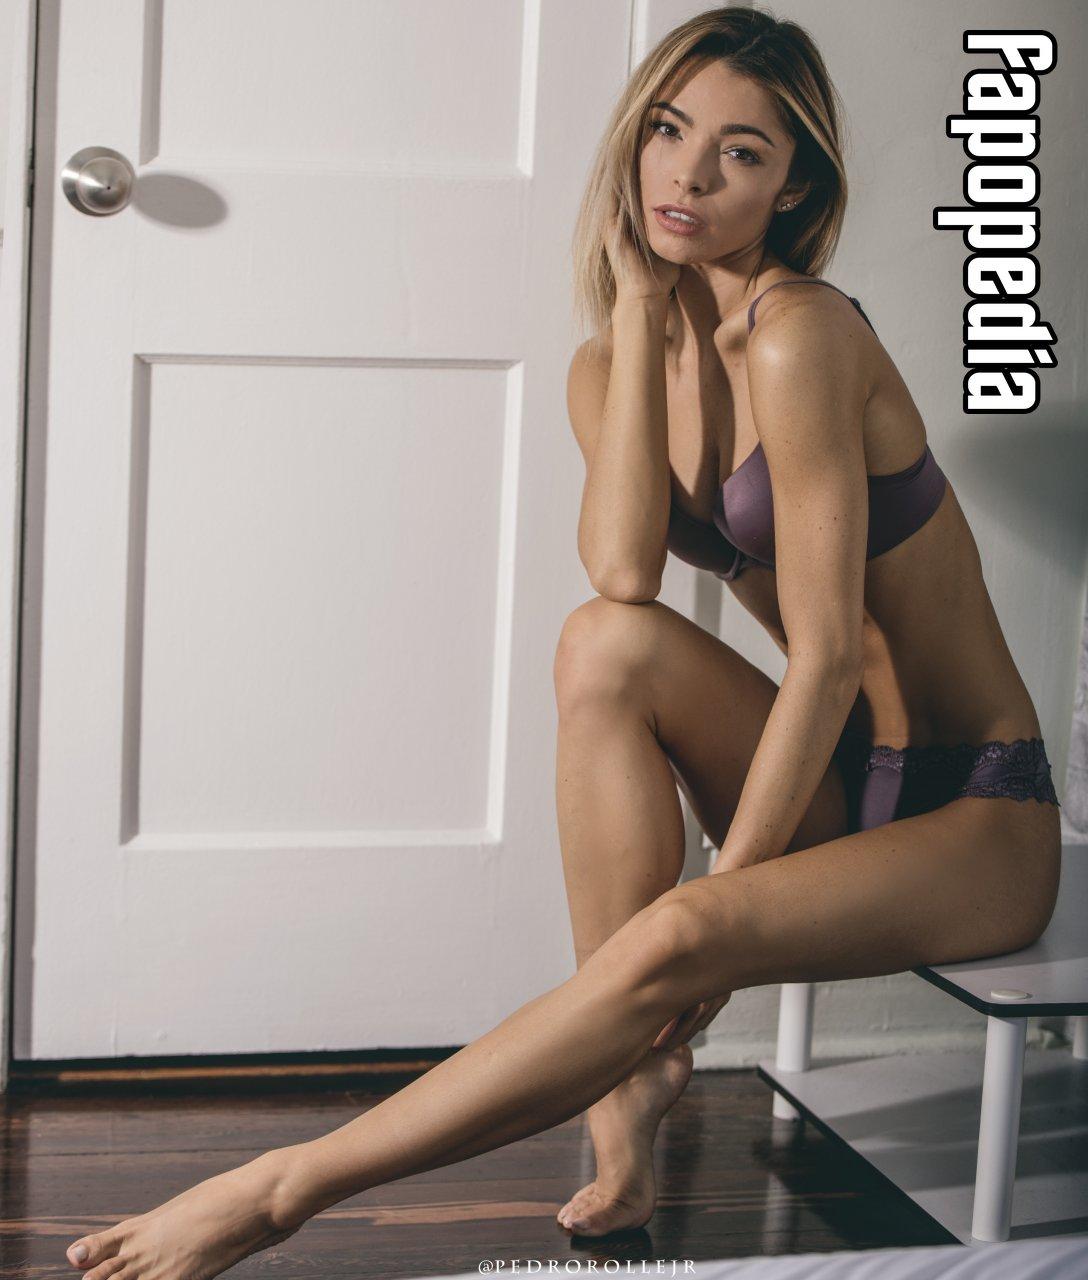 Krisondra Skittlesmcnuggs Krisondra Daigenault The Krisondra  Nude OnlyFans Leaks